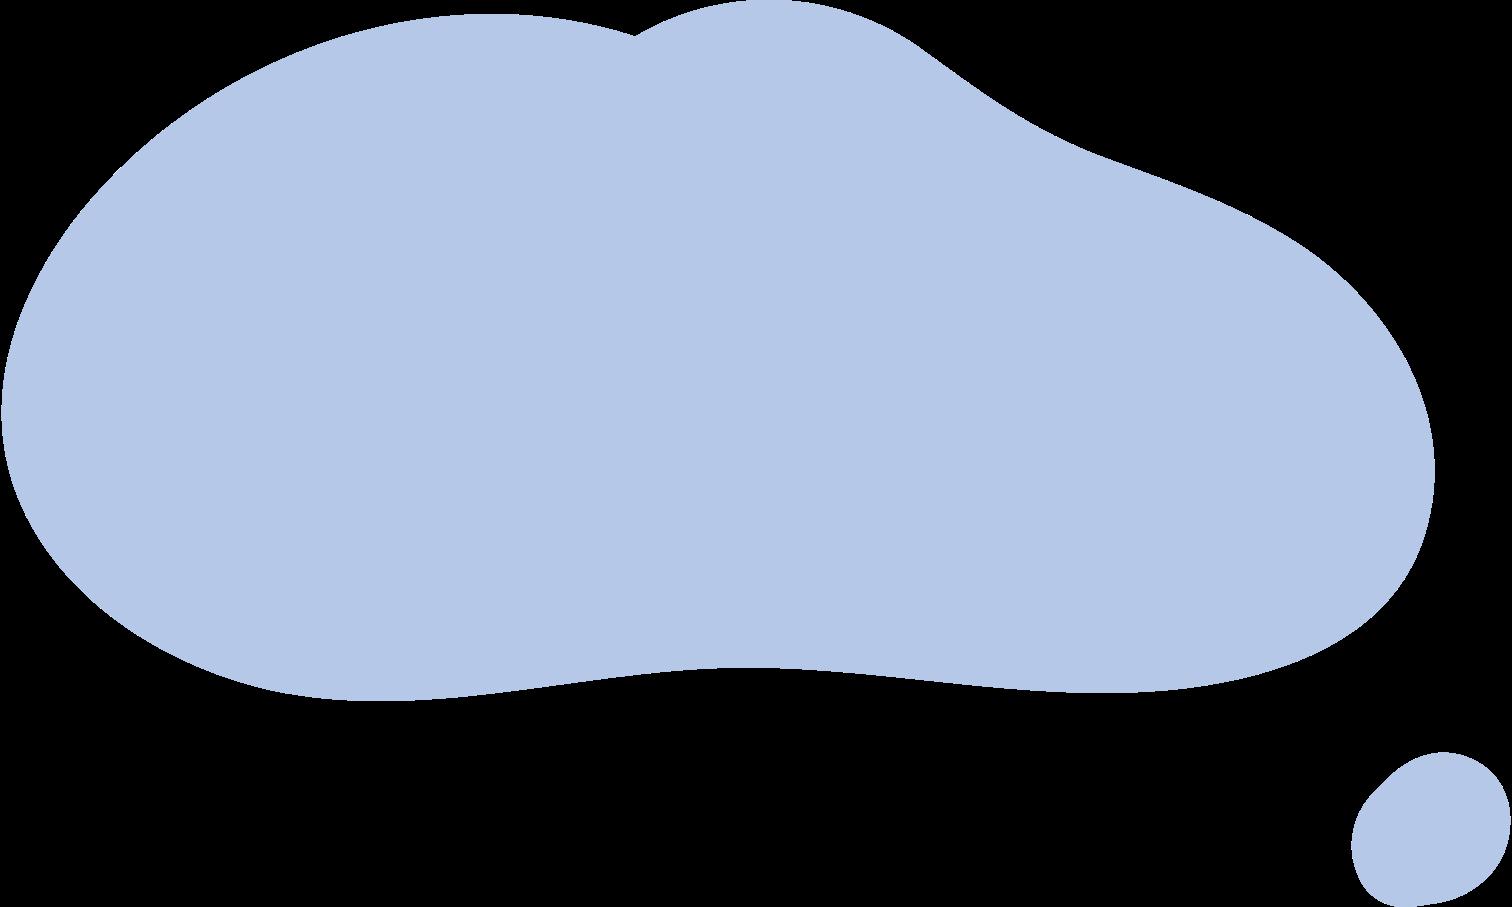 PNGとSVGの  スタイルの ダイアログクラウド ベクターイメージ   Icons8 イラスト